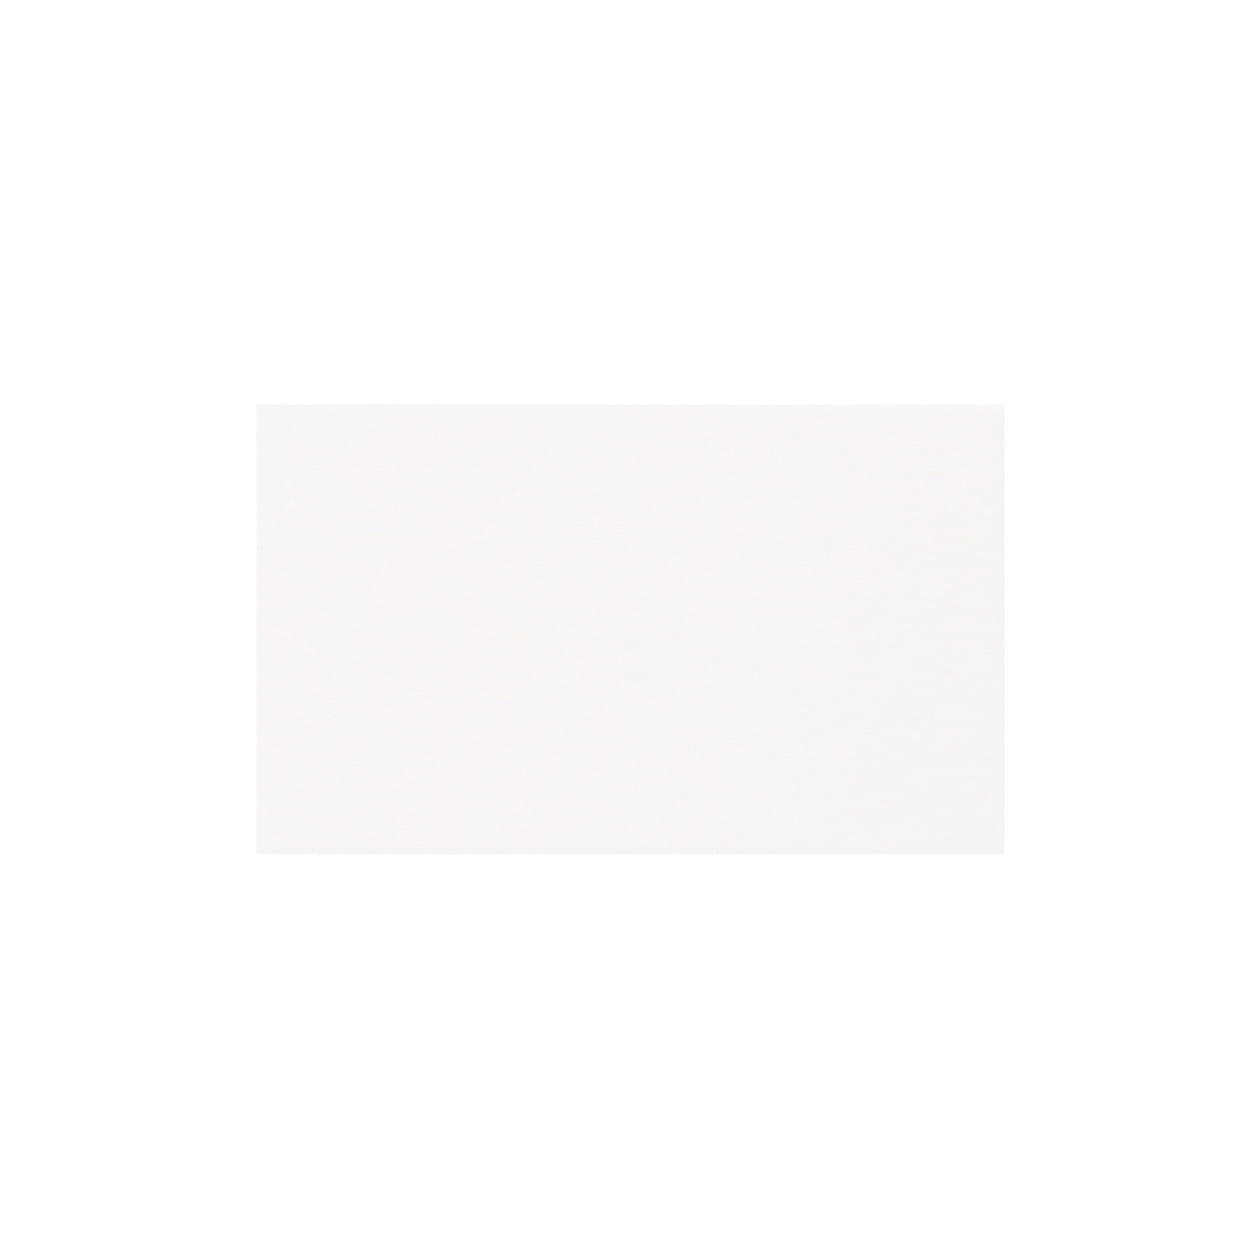 ネームカード コットン スノーホワイト 232.8g